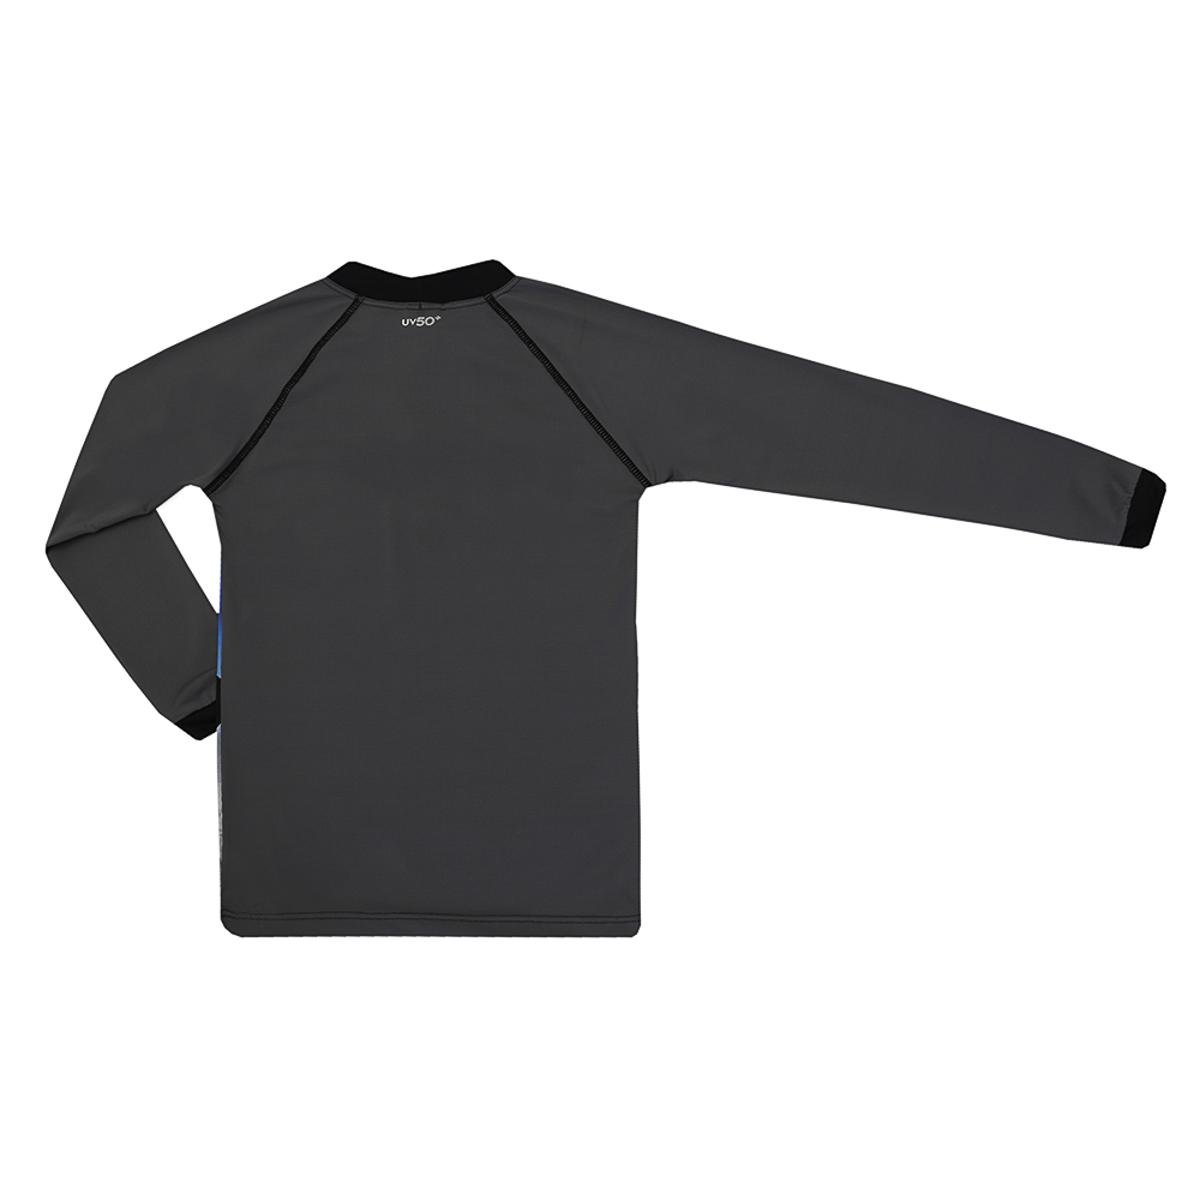 Camiseta Infantil Kids Lucca Estampa Skate Siri Masculina - Cinza ... 42478ff136e